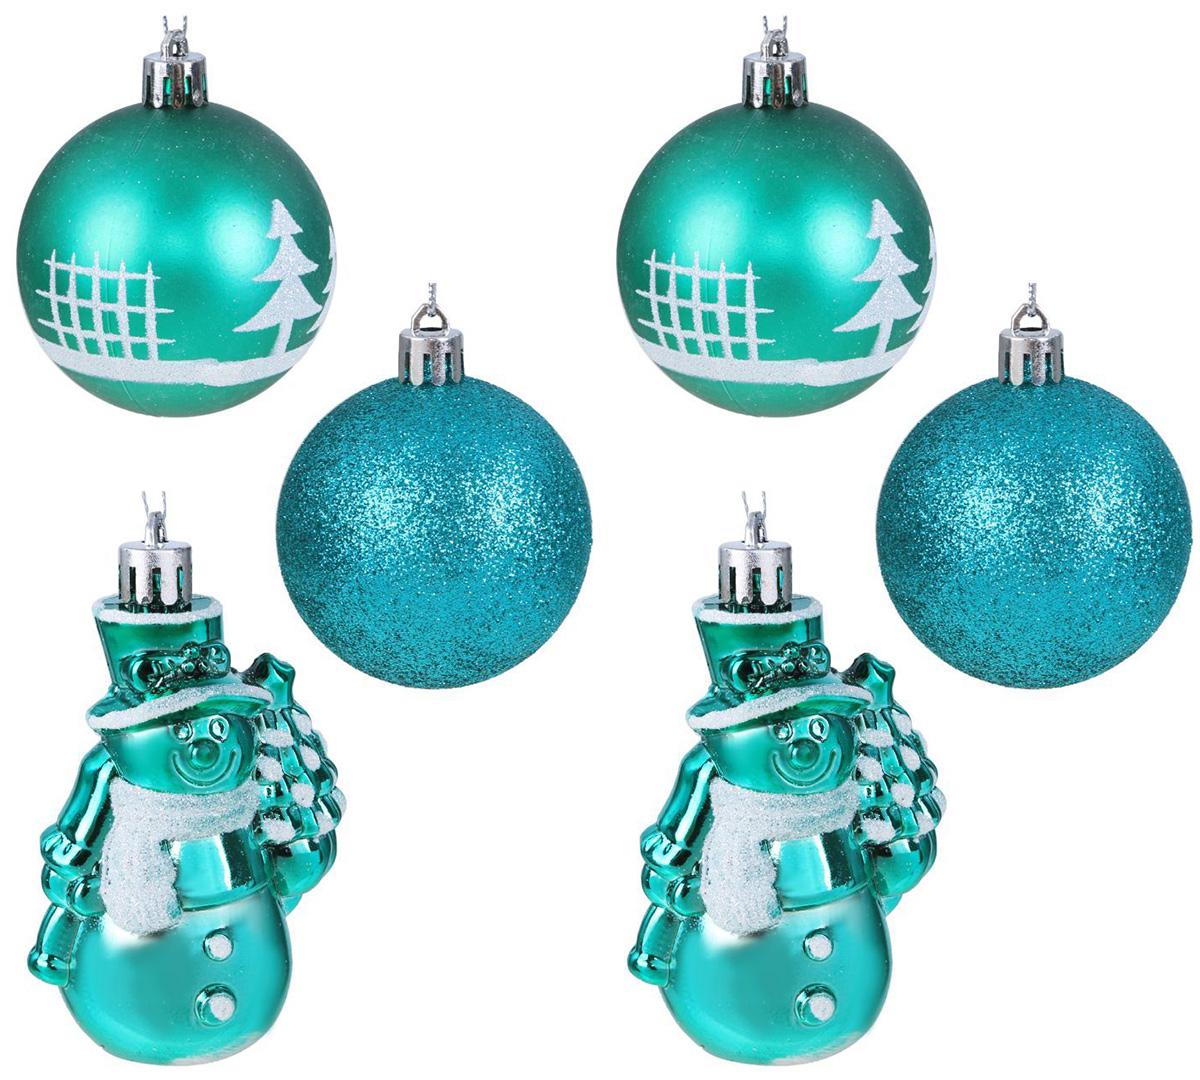 Набор новогодних подвесных украшений Sima-land Изумрудик. С снеговиком, 6 см, 6 шт2131473Набор новогодних подвесных украшений Sima-land отлично подойдет для декорации вашего дома и новогодней ели. Новогодние украшения можно повесить в любом понравившемся вам месте. Но, конечно, удачнее всего они будет смотреться на праздничной елке.Елочная игрушка - символ Нового года. Она несет в себе волшебство и красоту праздника. Такое украшение создаст в вашем доме атмосферу праздника, веселья и радости.